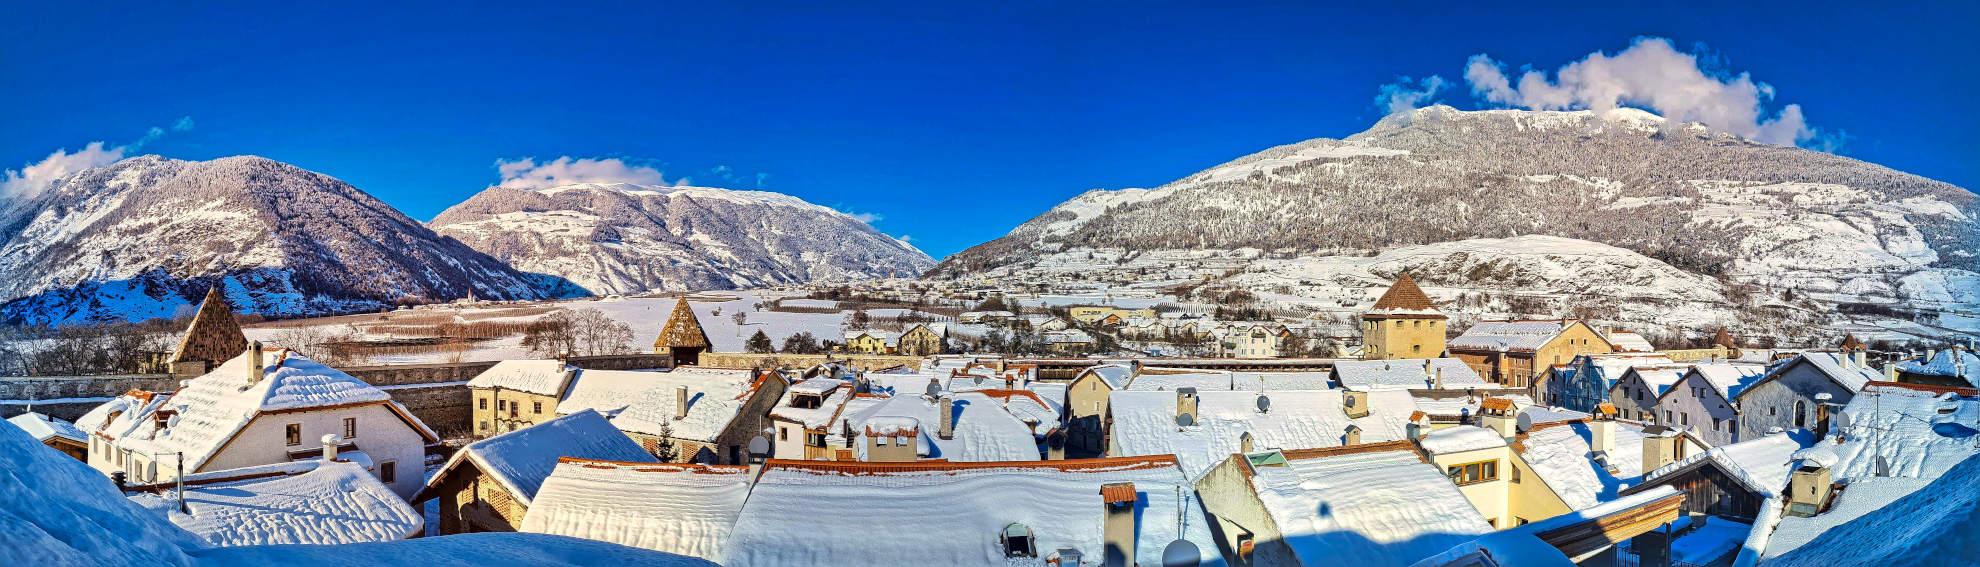 Winterpanorama Glurns